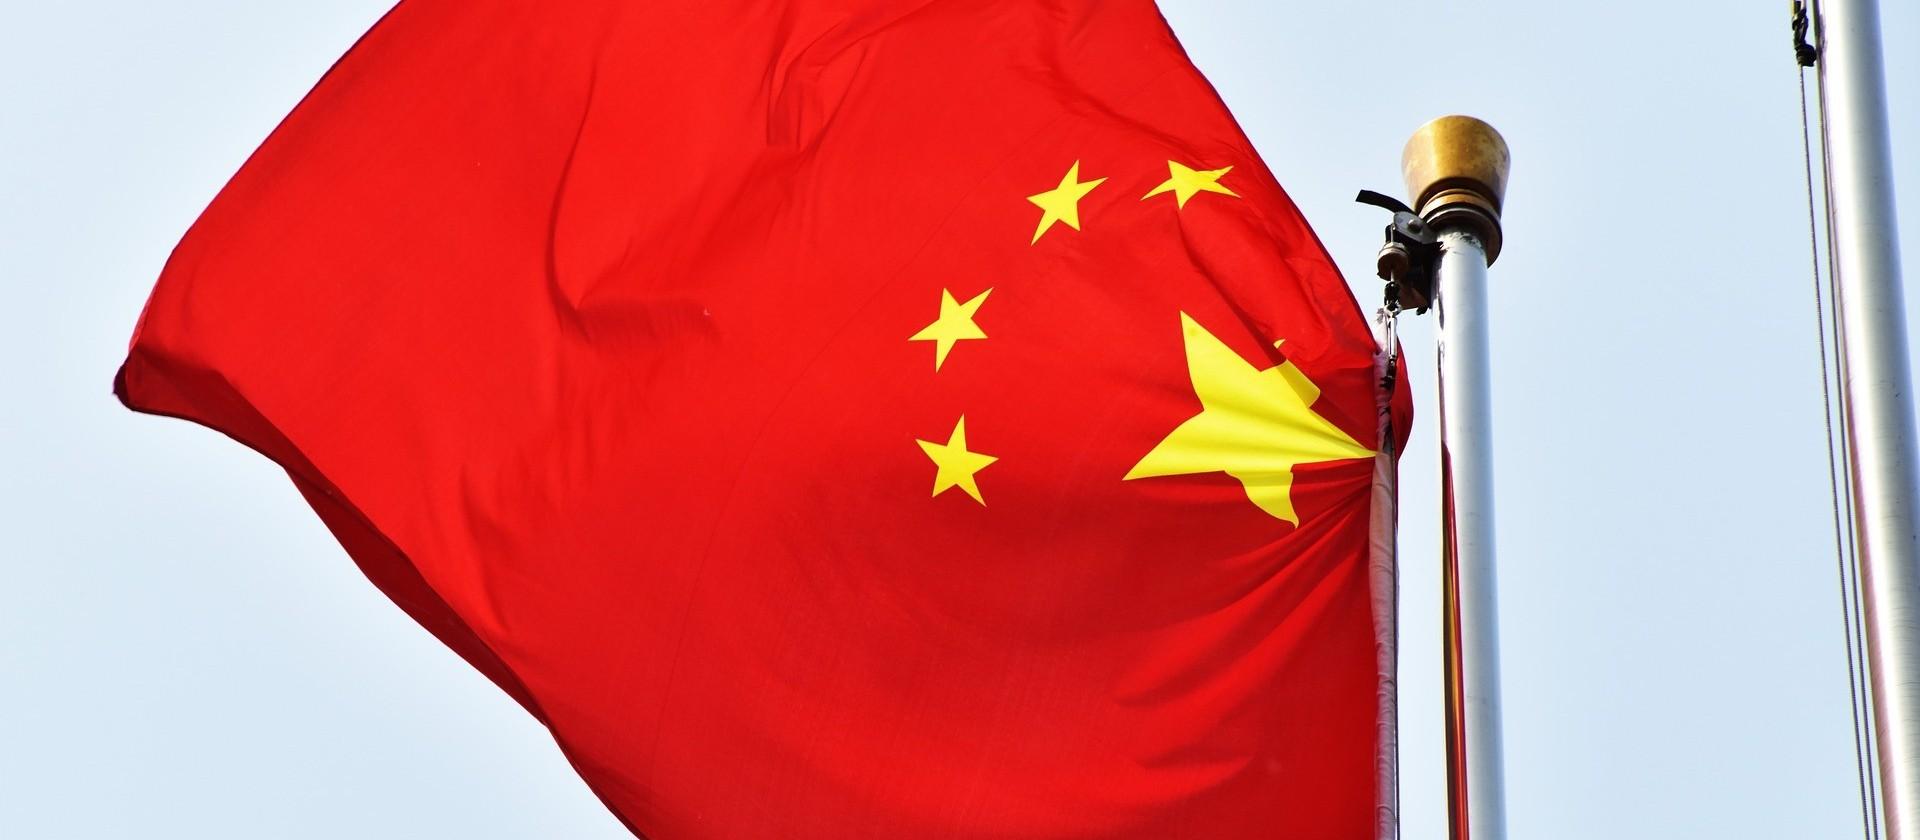 Como ficaria o Brasil se as relações comerciais com a China fossem rompidas?